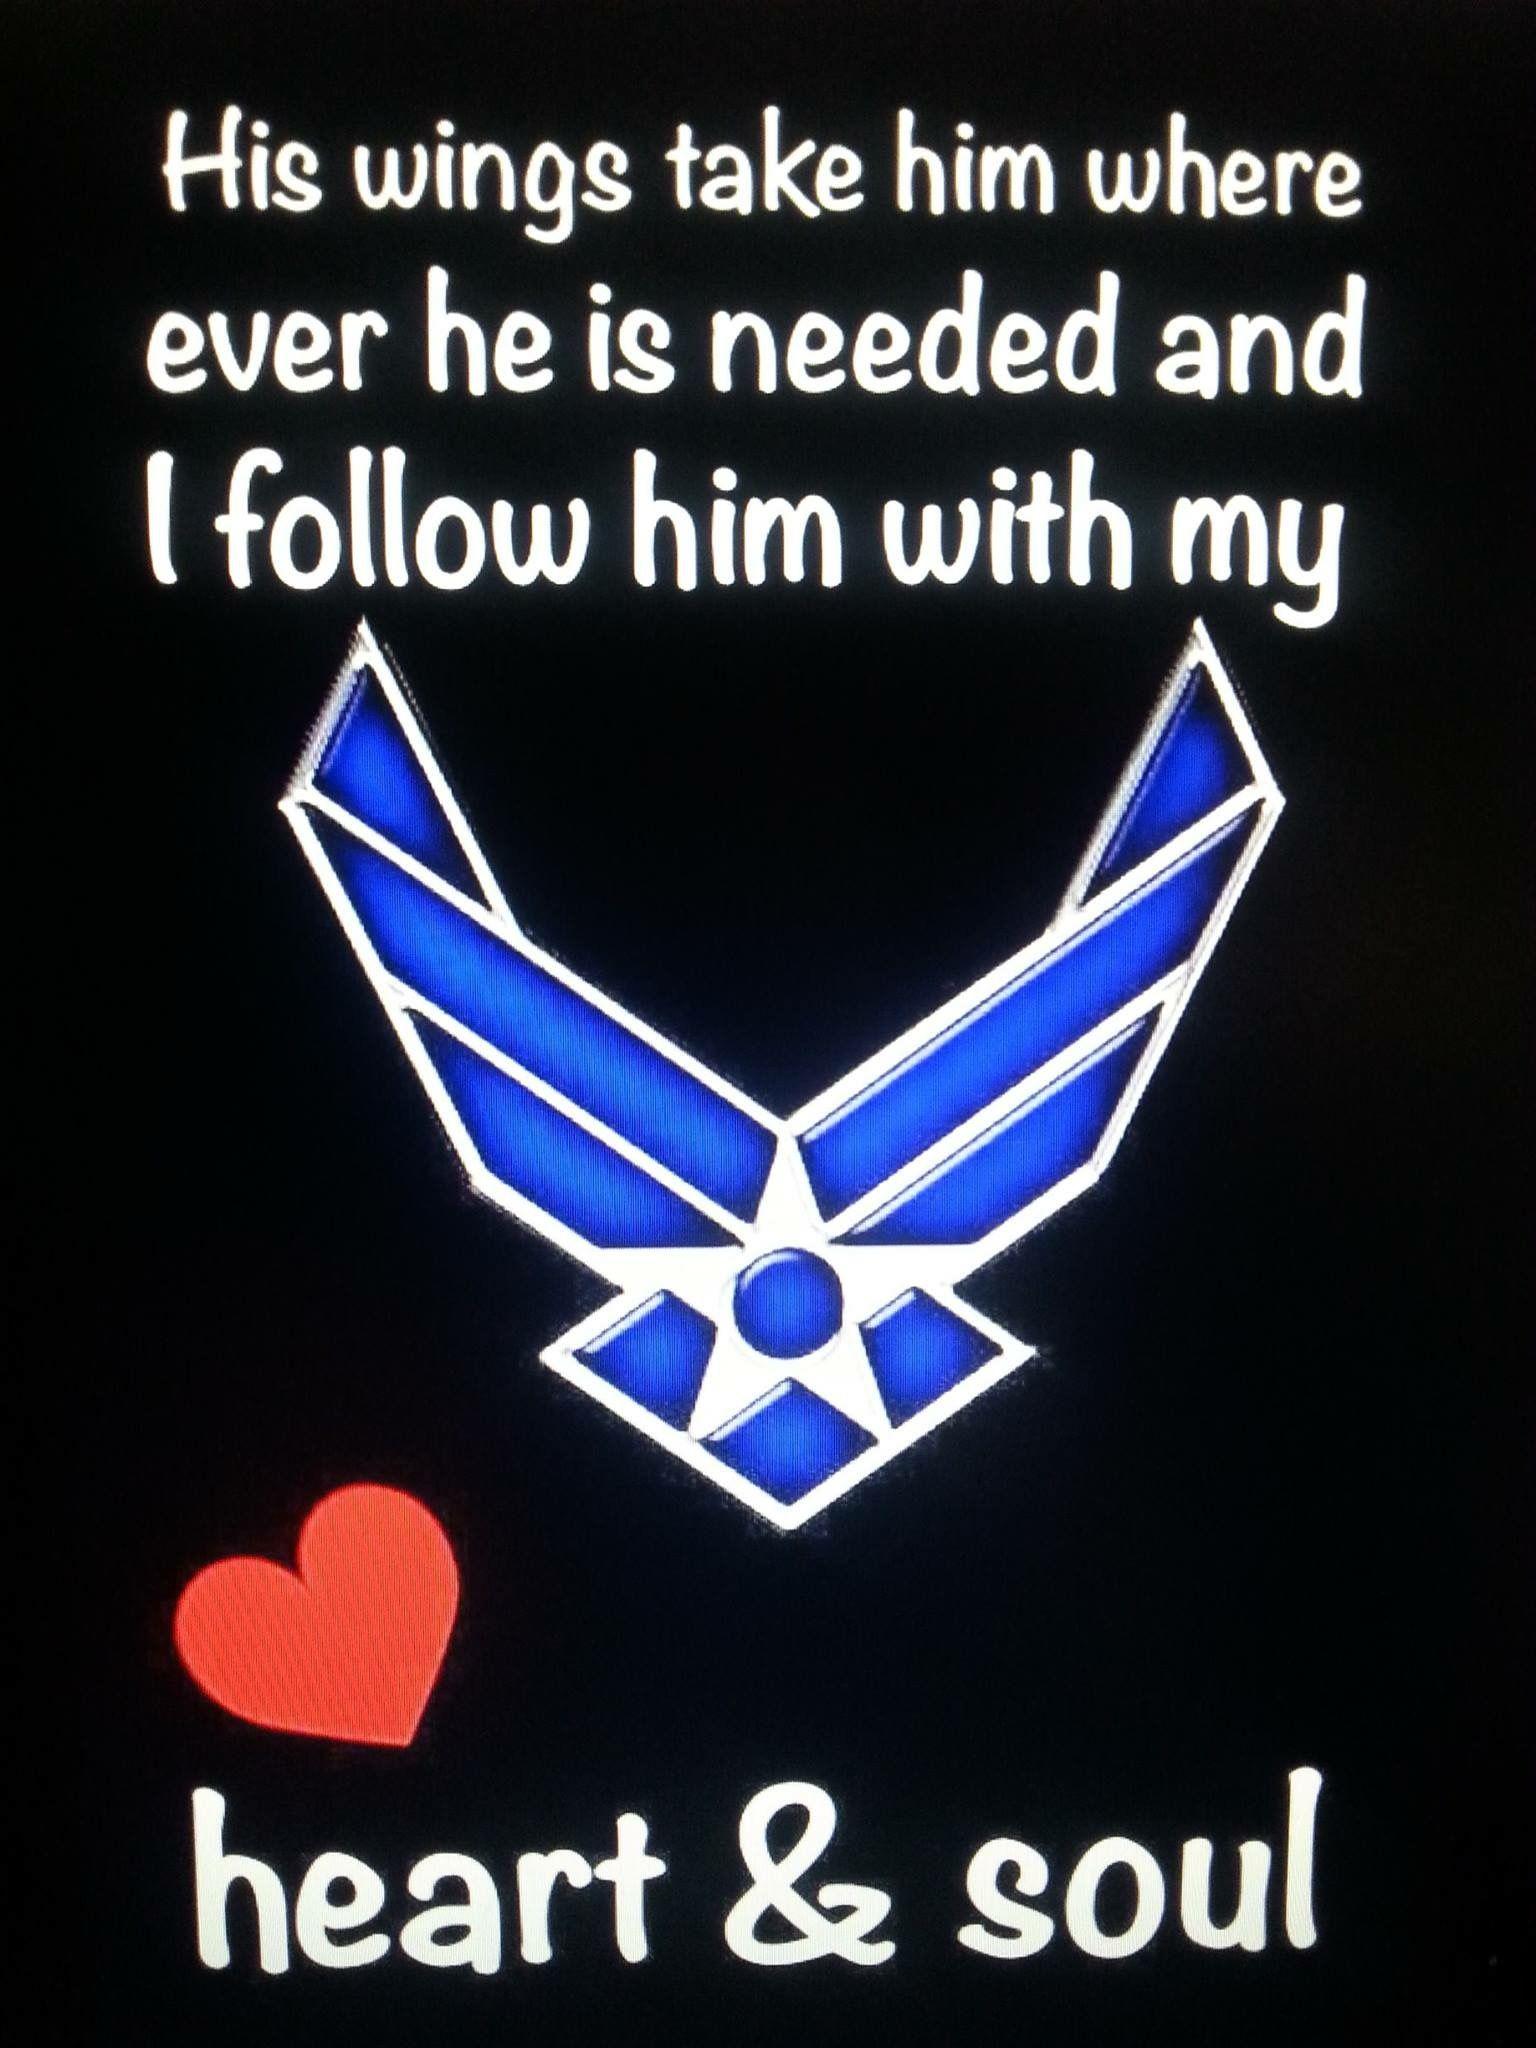 My son. My Airman. | Air force girlfriend, Air force mom